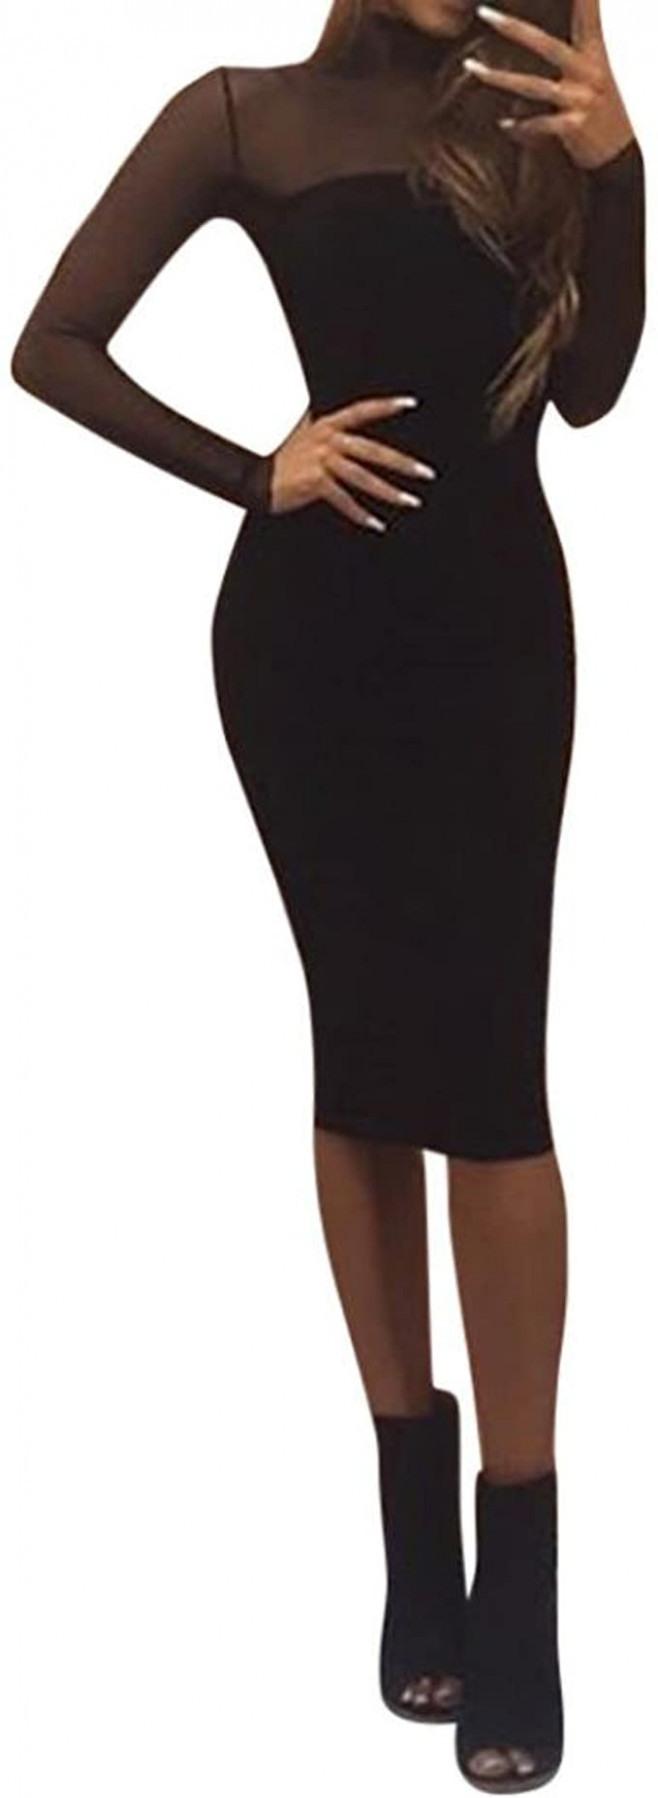 Damen Etuikleid Langarm Schwarz Kleid Bodycon Tunikakleid